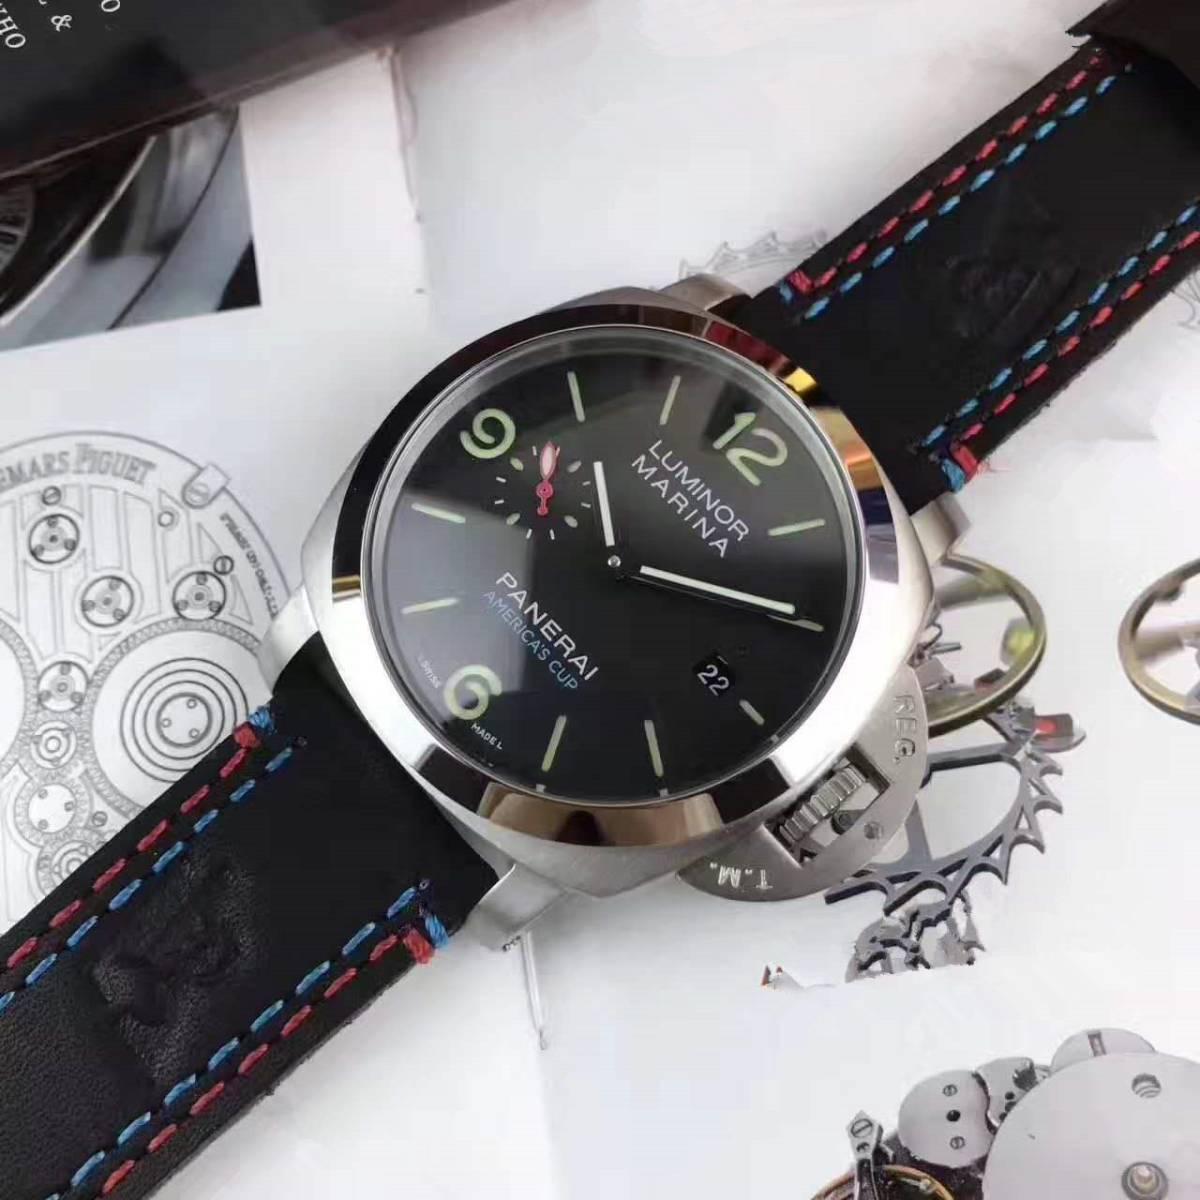 PANERAI パネライ 自動巻き 腕時計